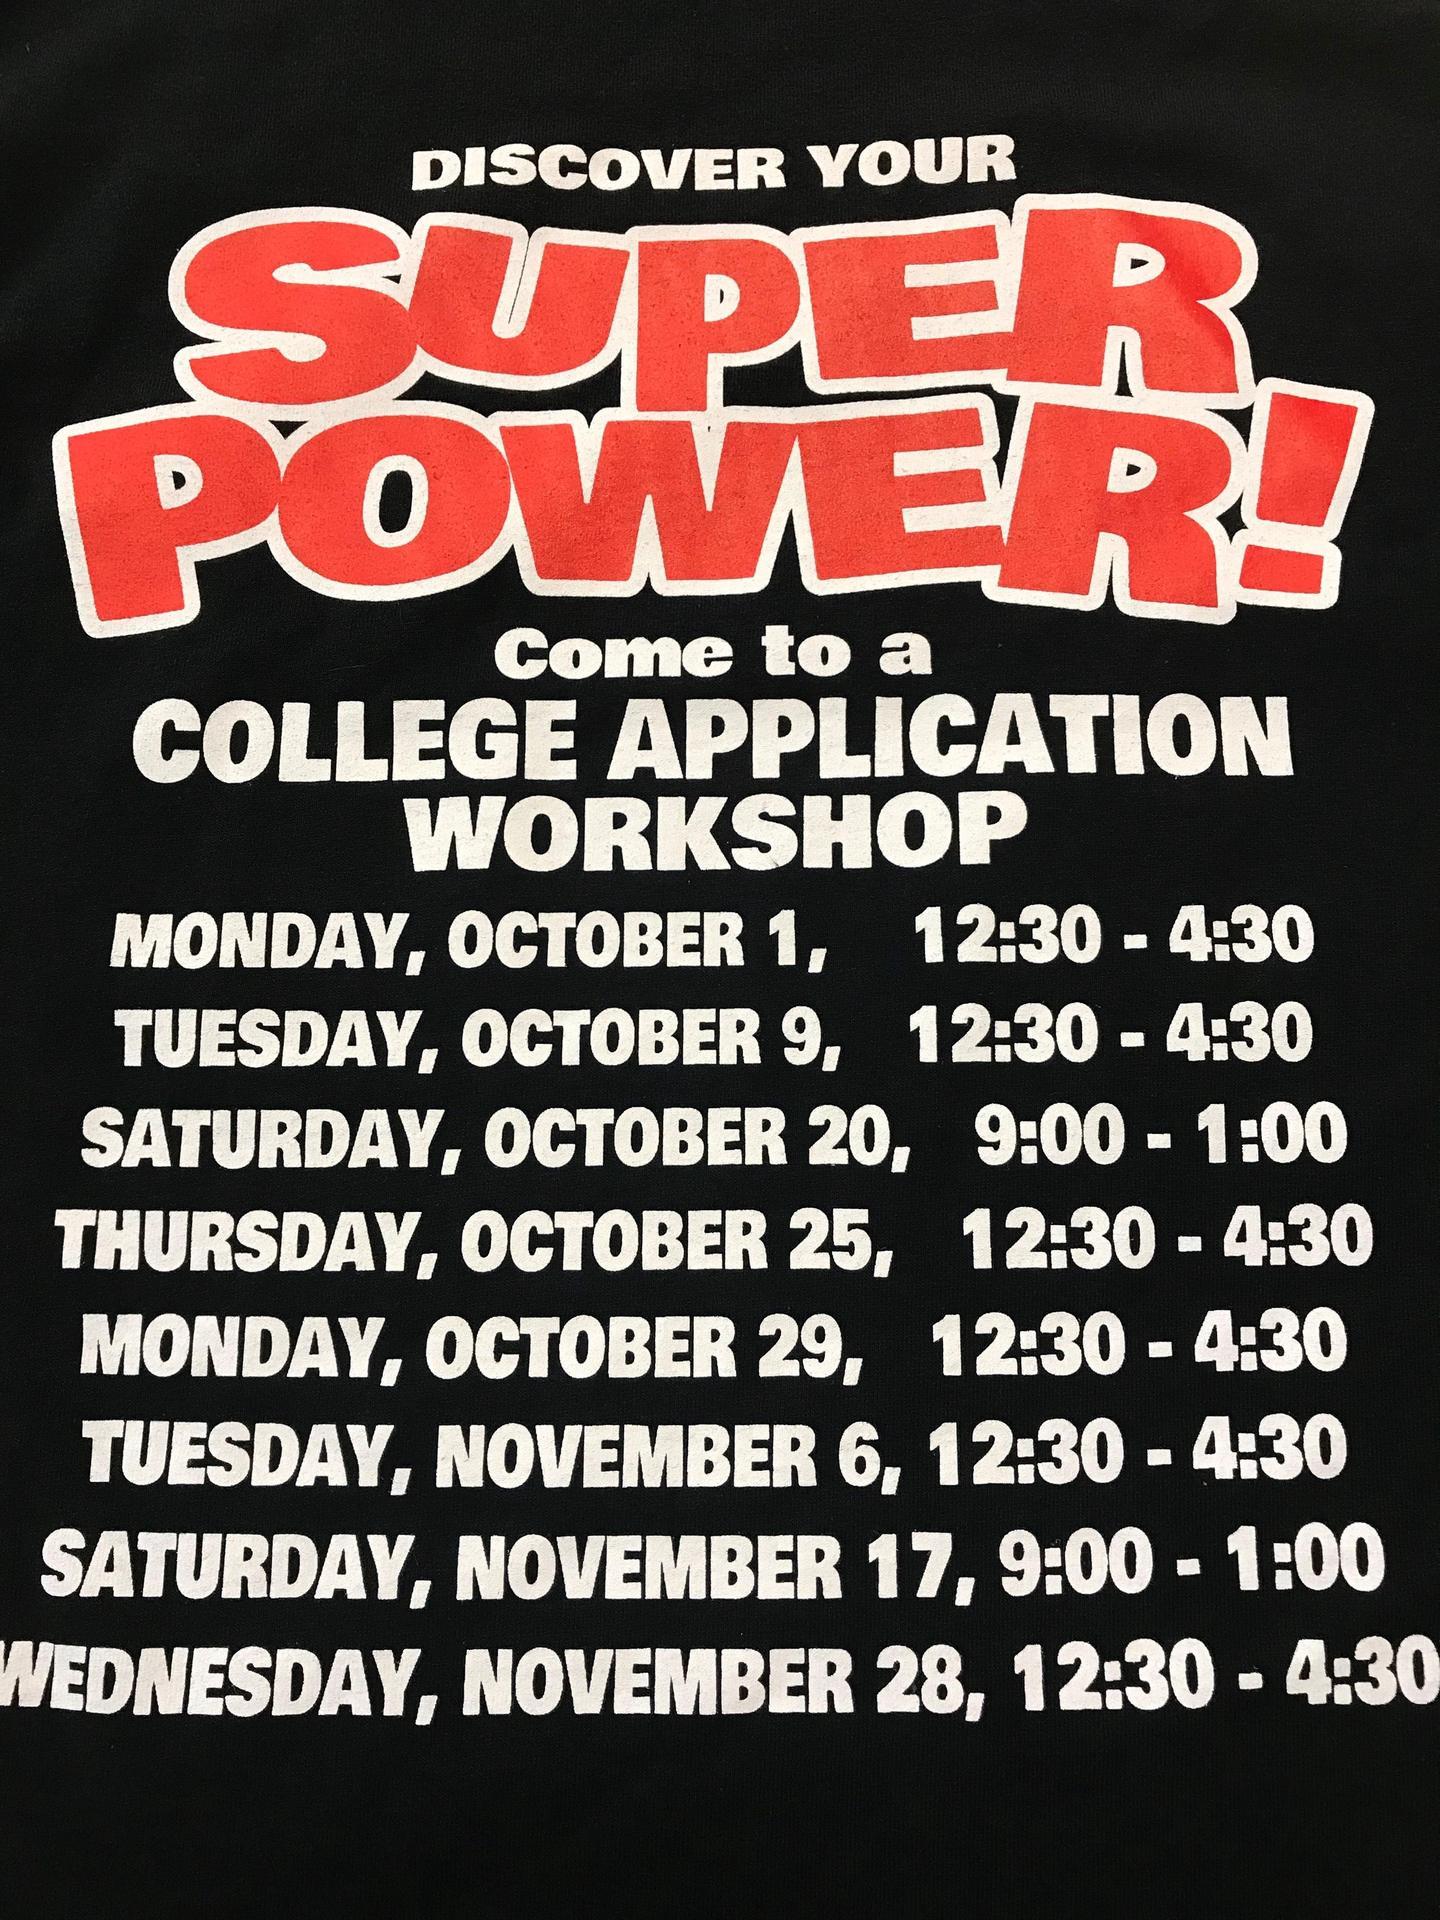 College workshop dates